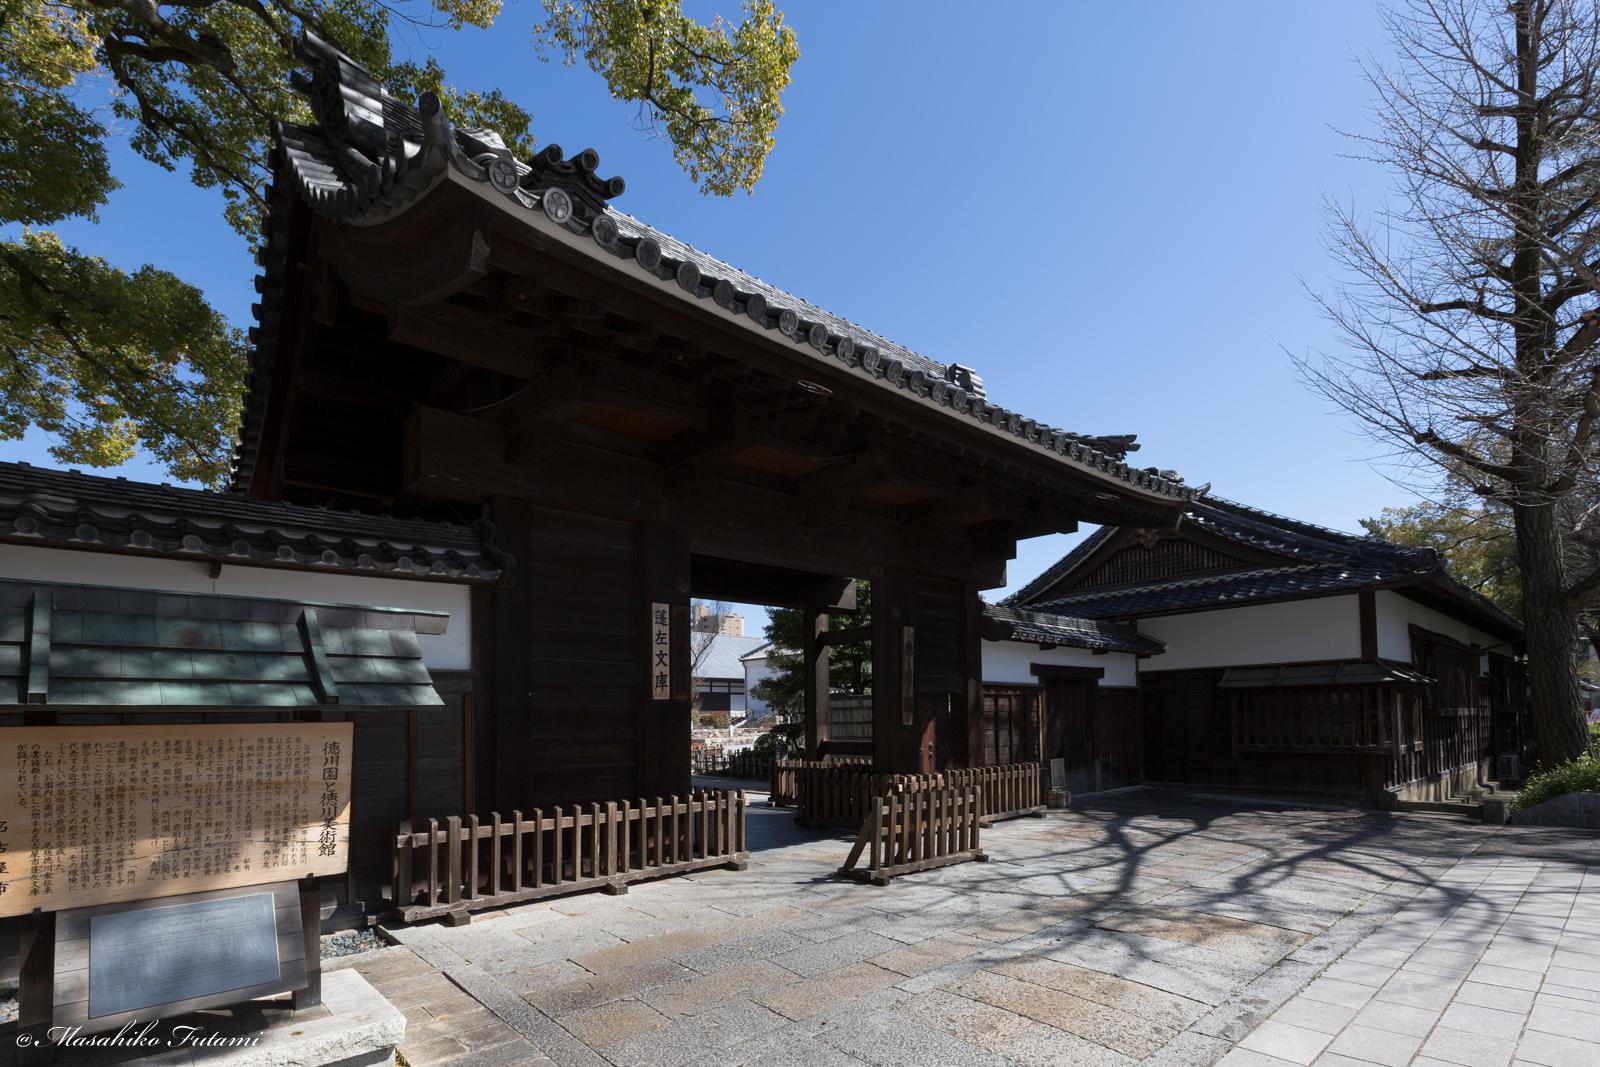 The Tokugawa Art Museum & Tokugawaen